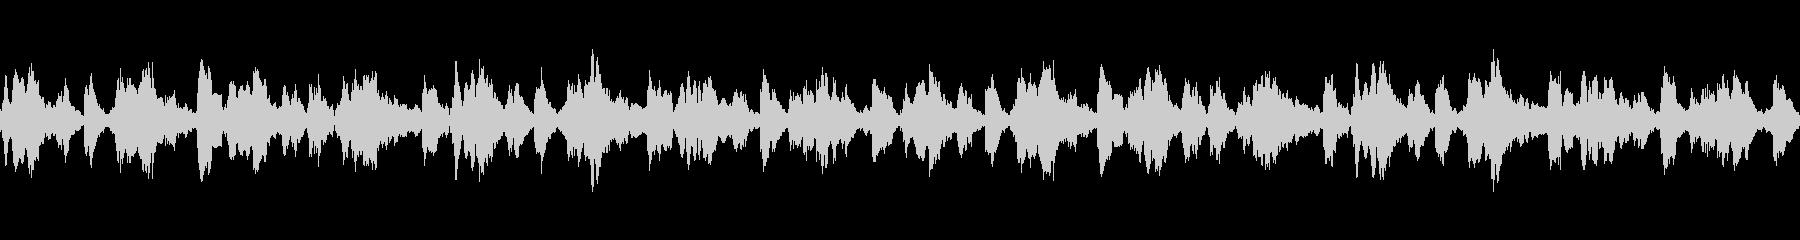 【リズムなし・ループ】明るい口笛タムタムの未再生の波形